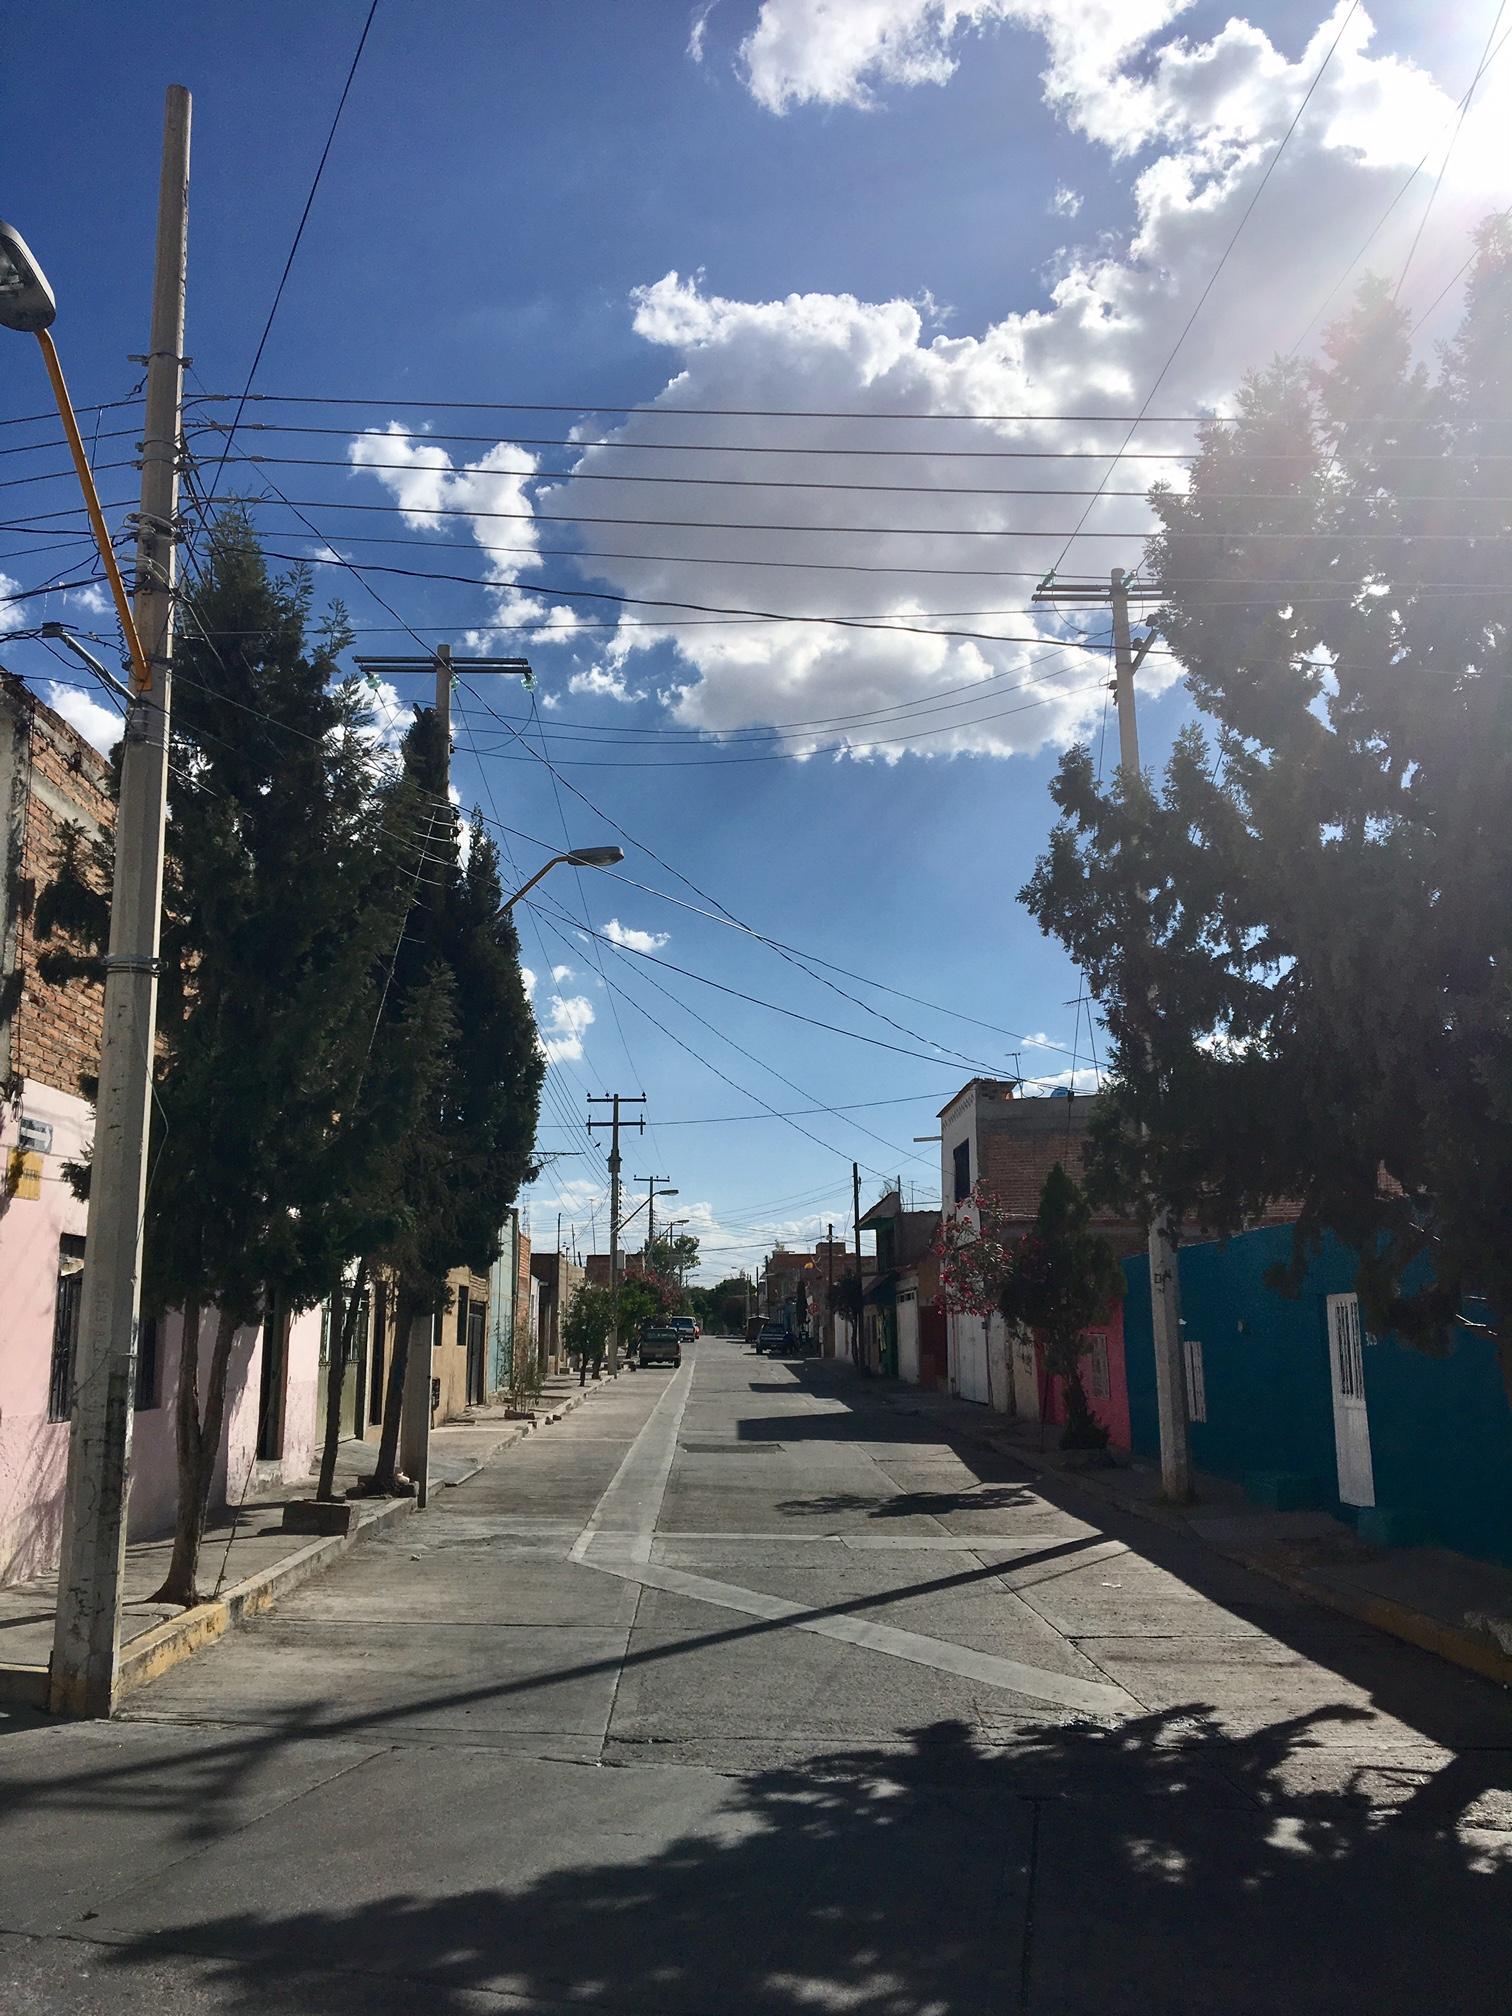 gotrips_mexico_2017_10.jpg